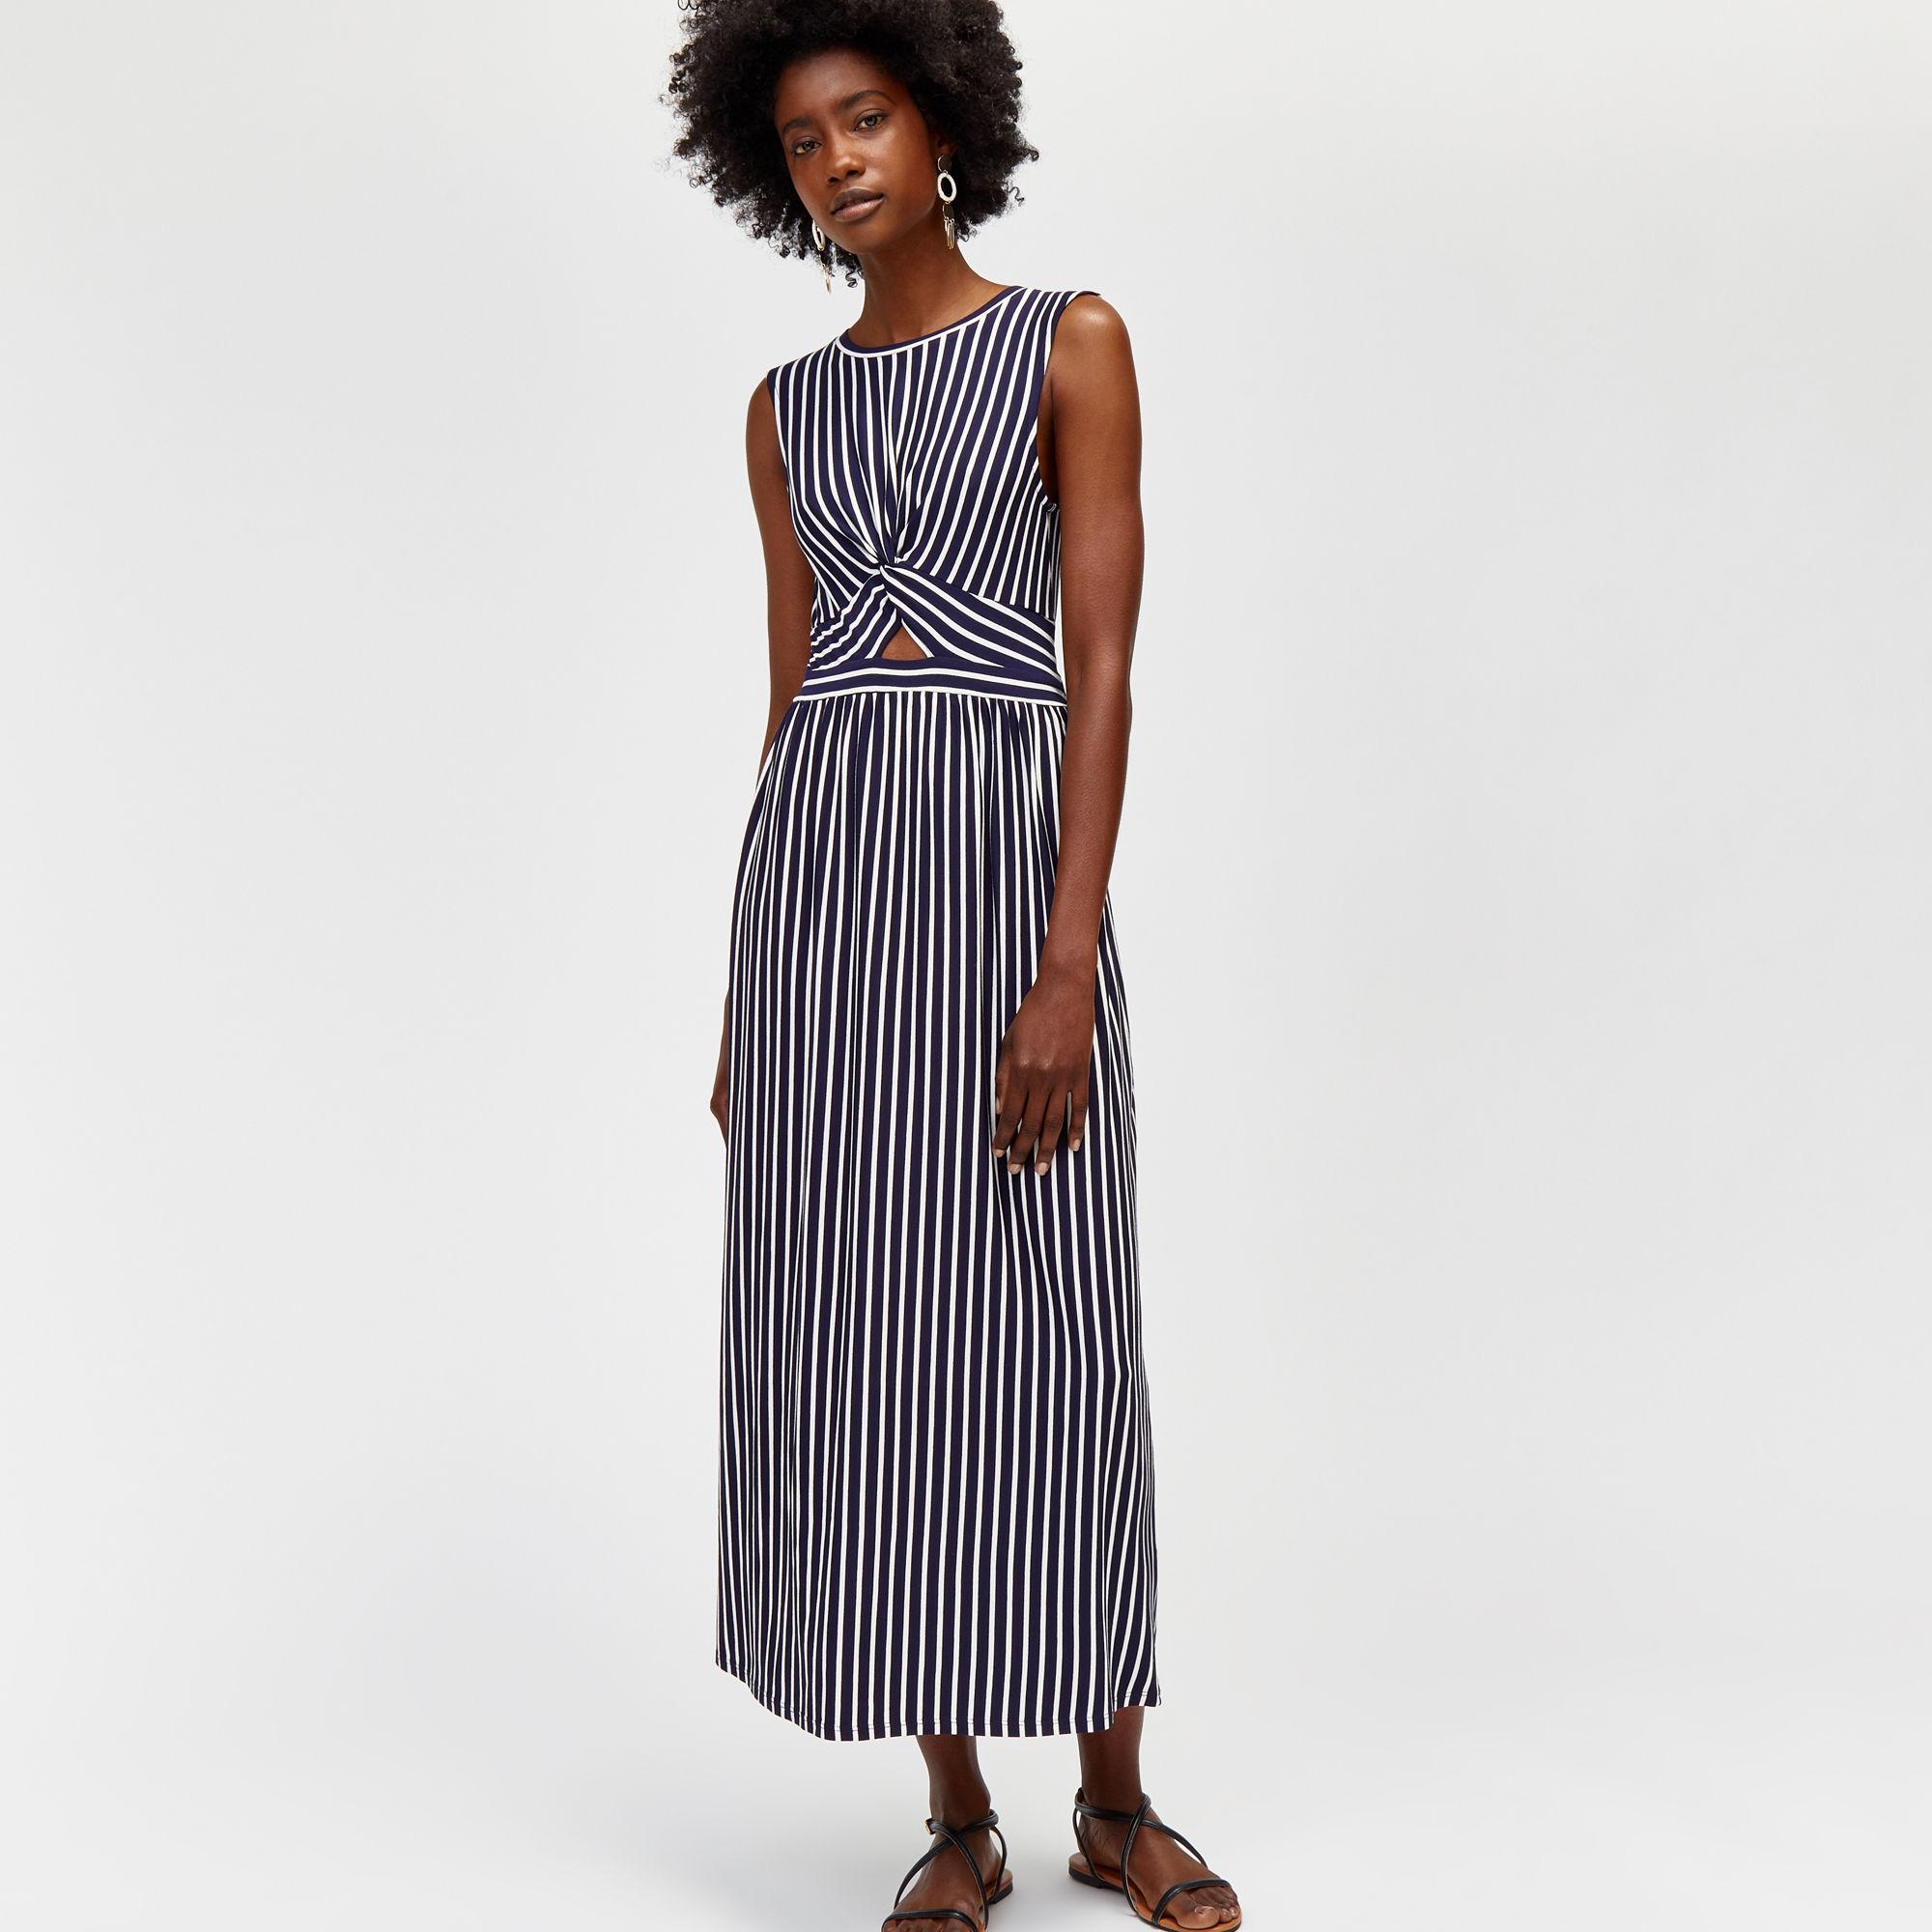 striped dress2.jpg